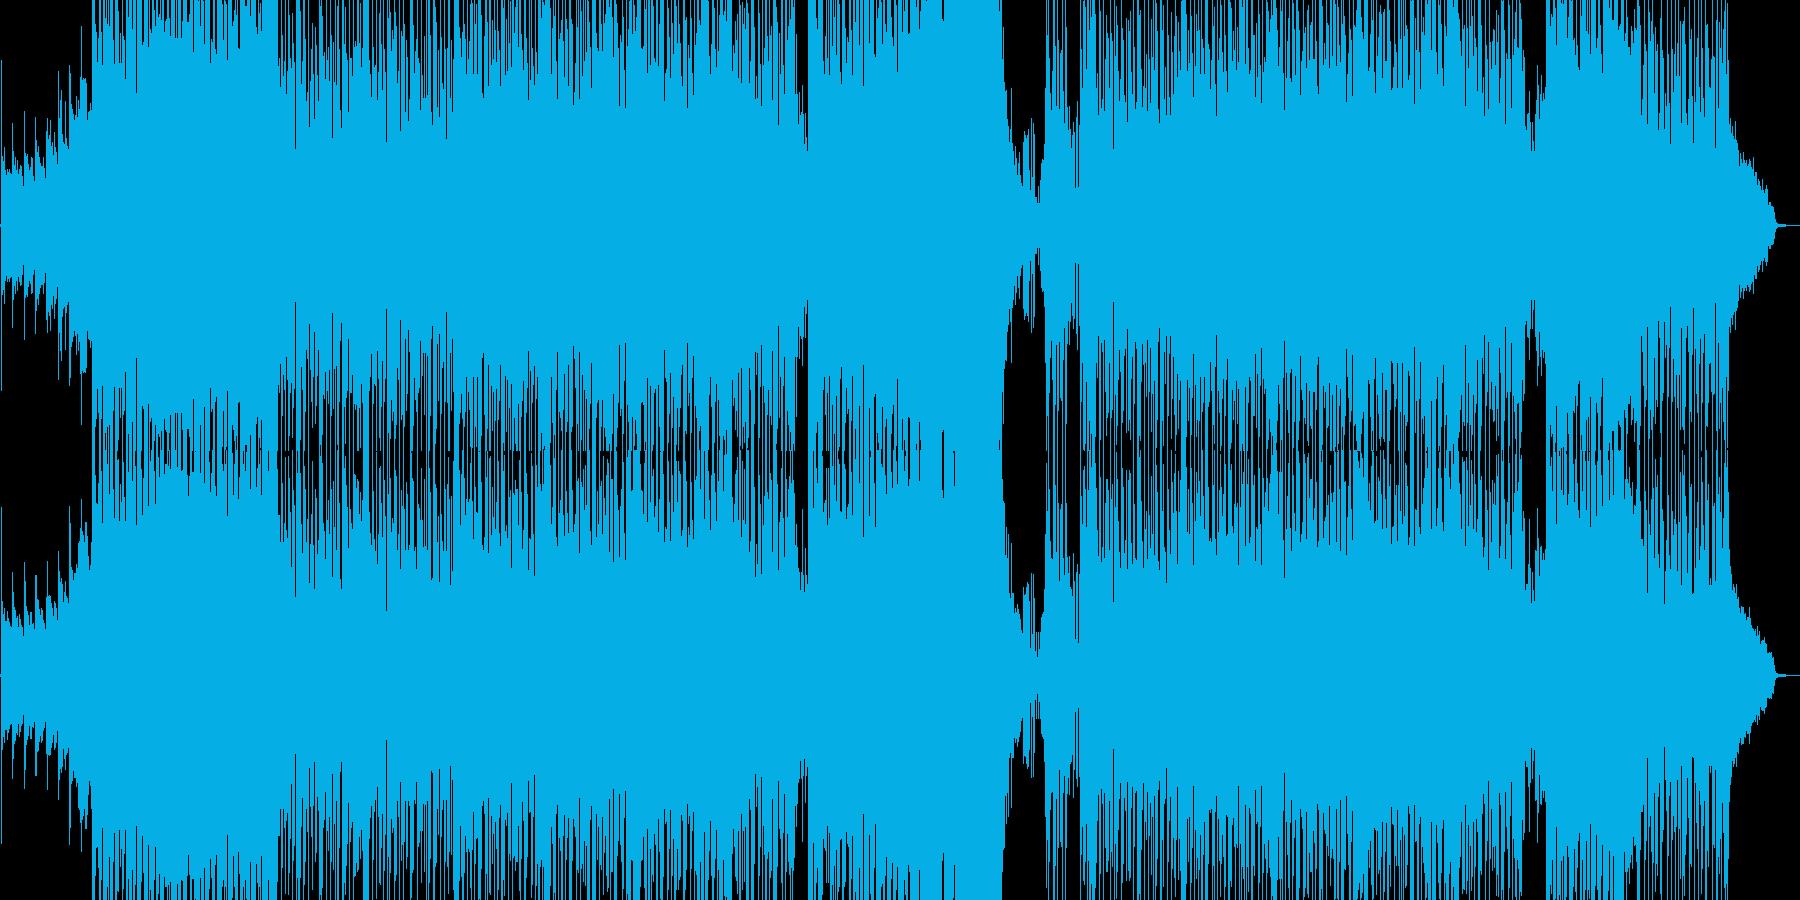 張り付く恐怖感を意識したドラムンベースの再生済みの波形